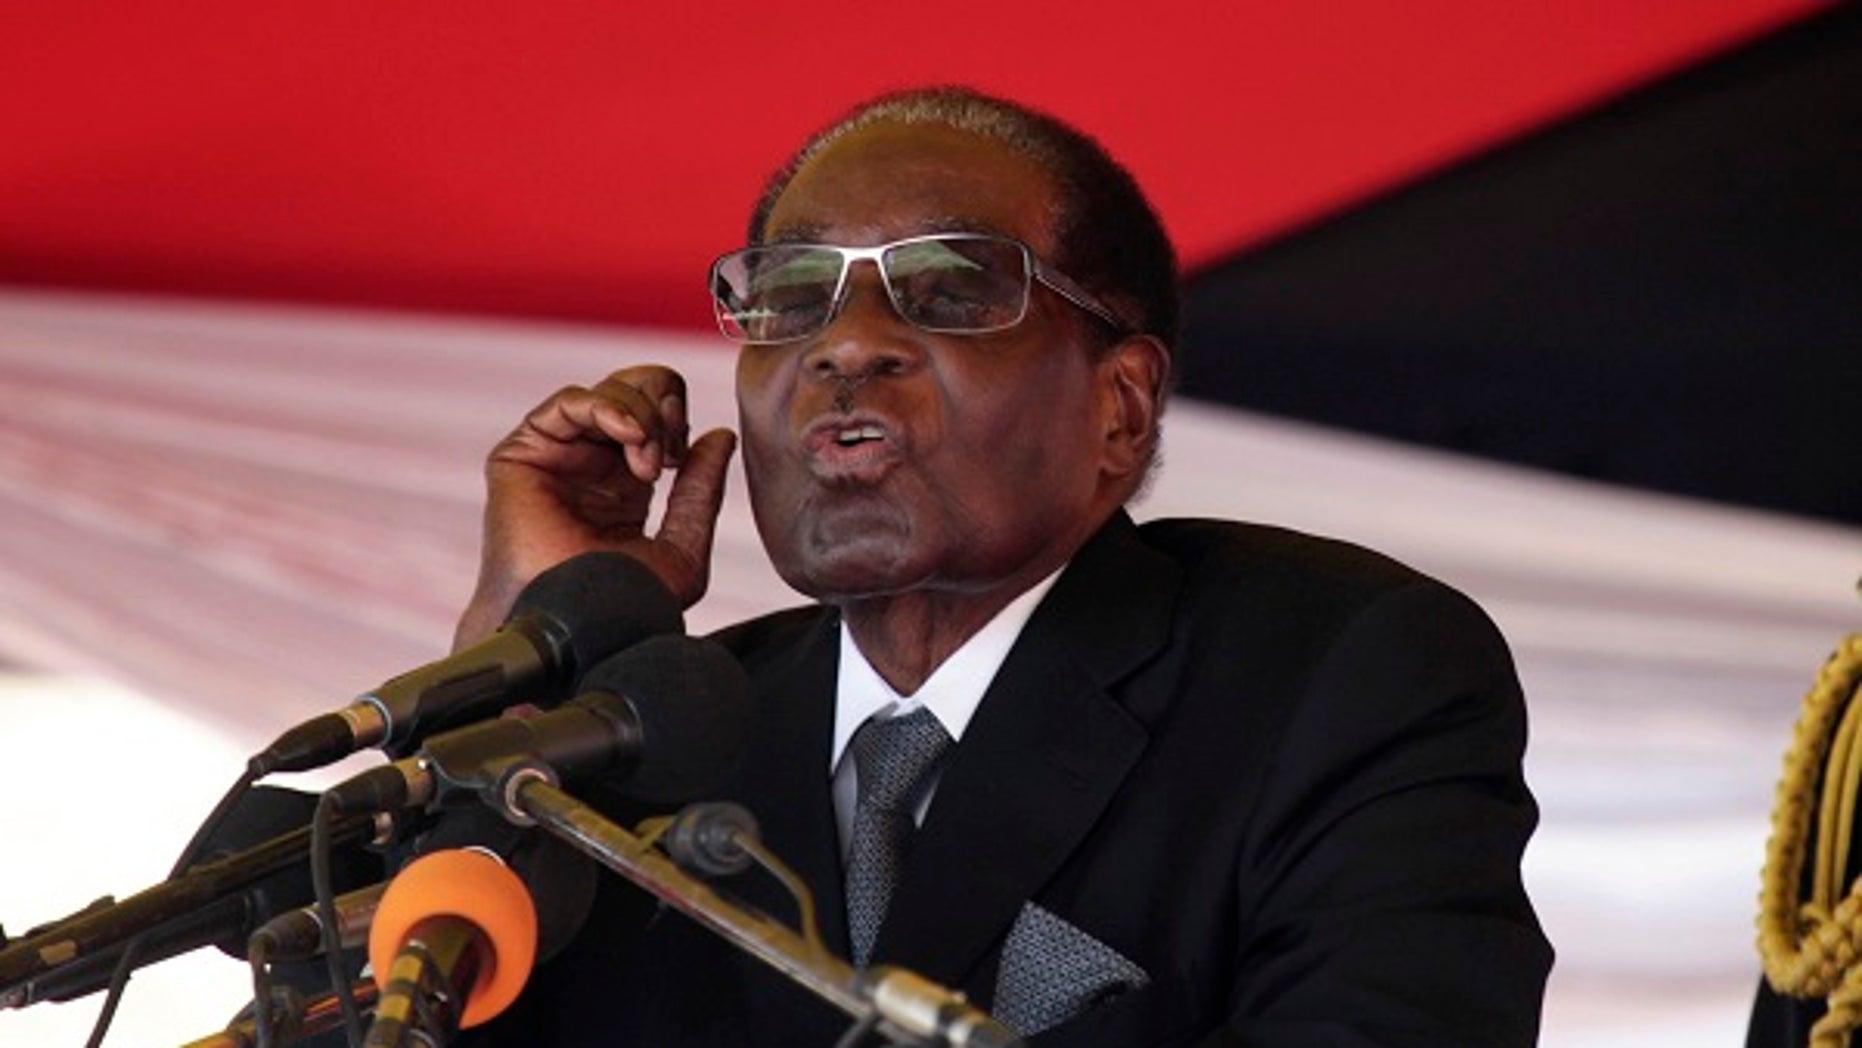 Zimbabwe President Robert Mugabe resigned from office Tuesday.